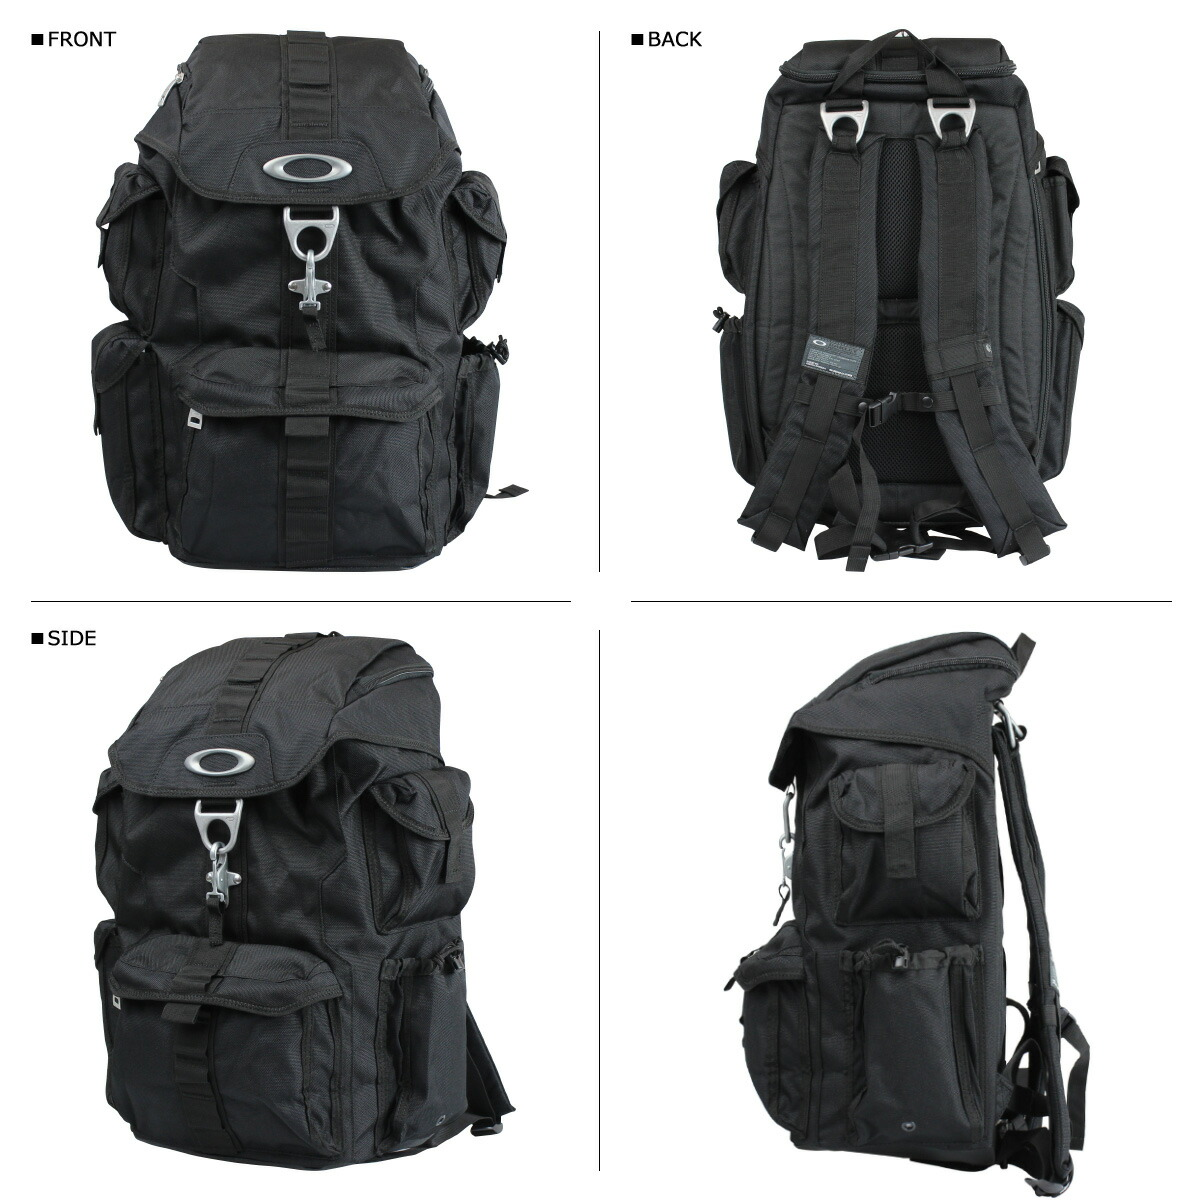 c2a7db18bd80a Oakley Backpack Waterproof « Heritage Malta